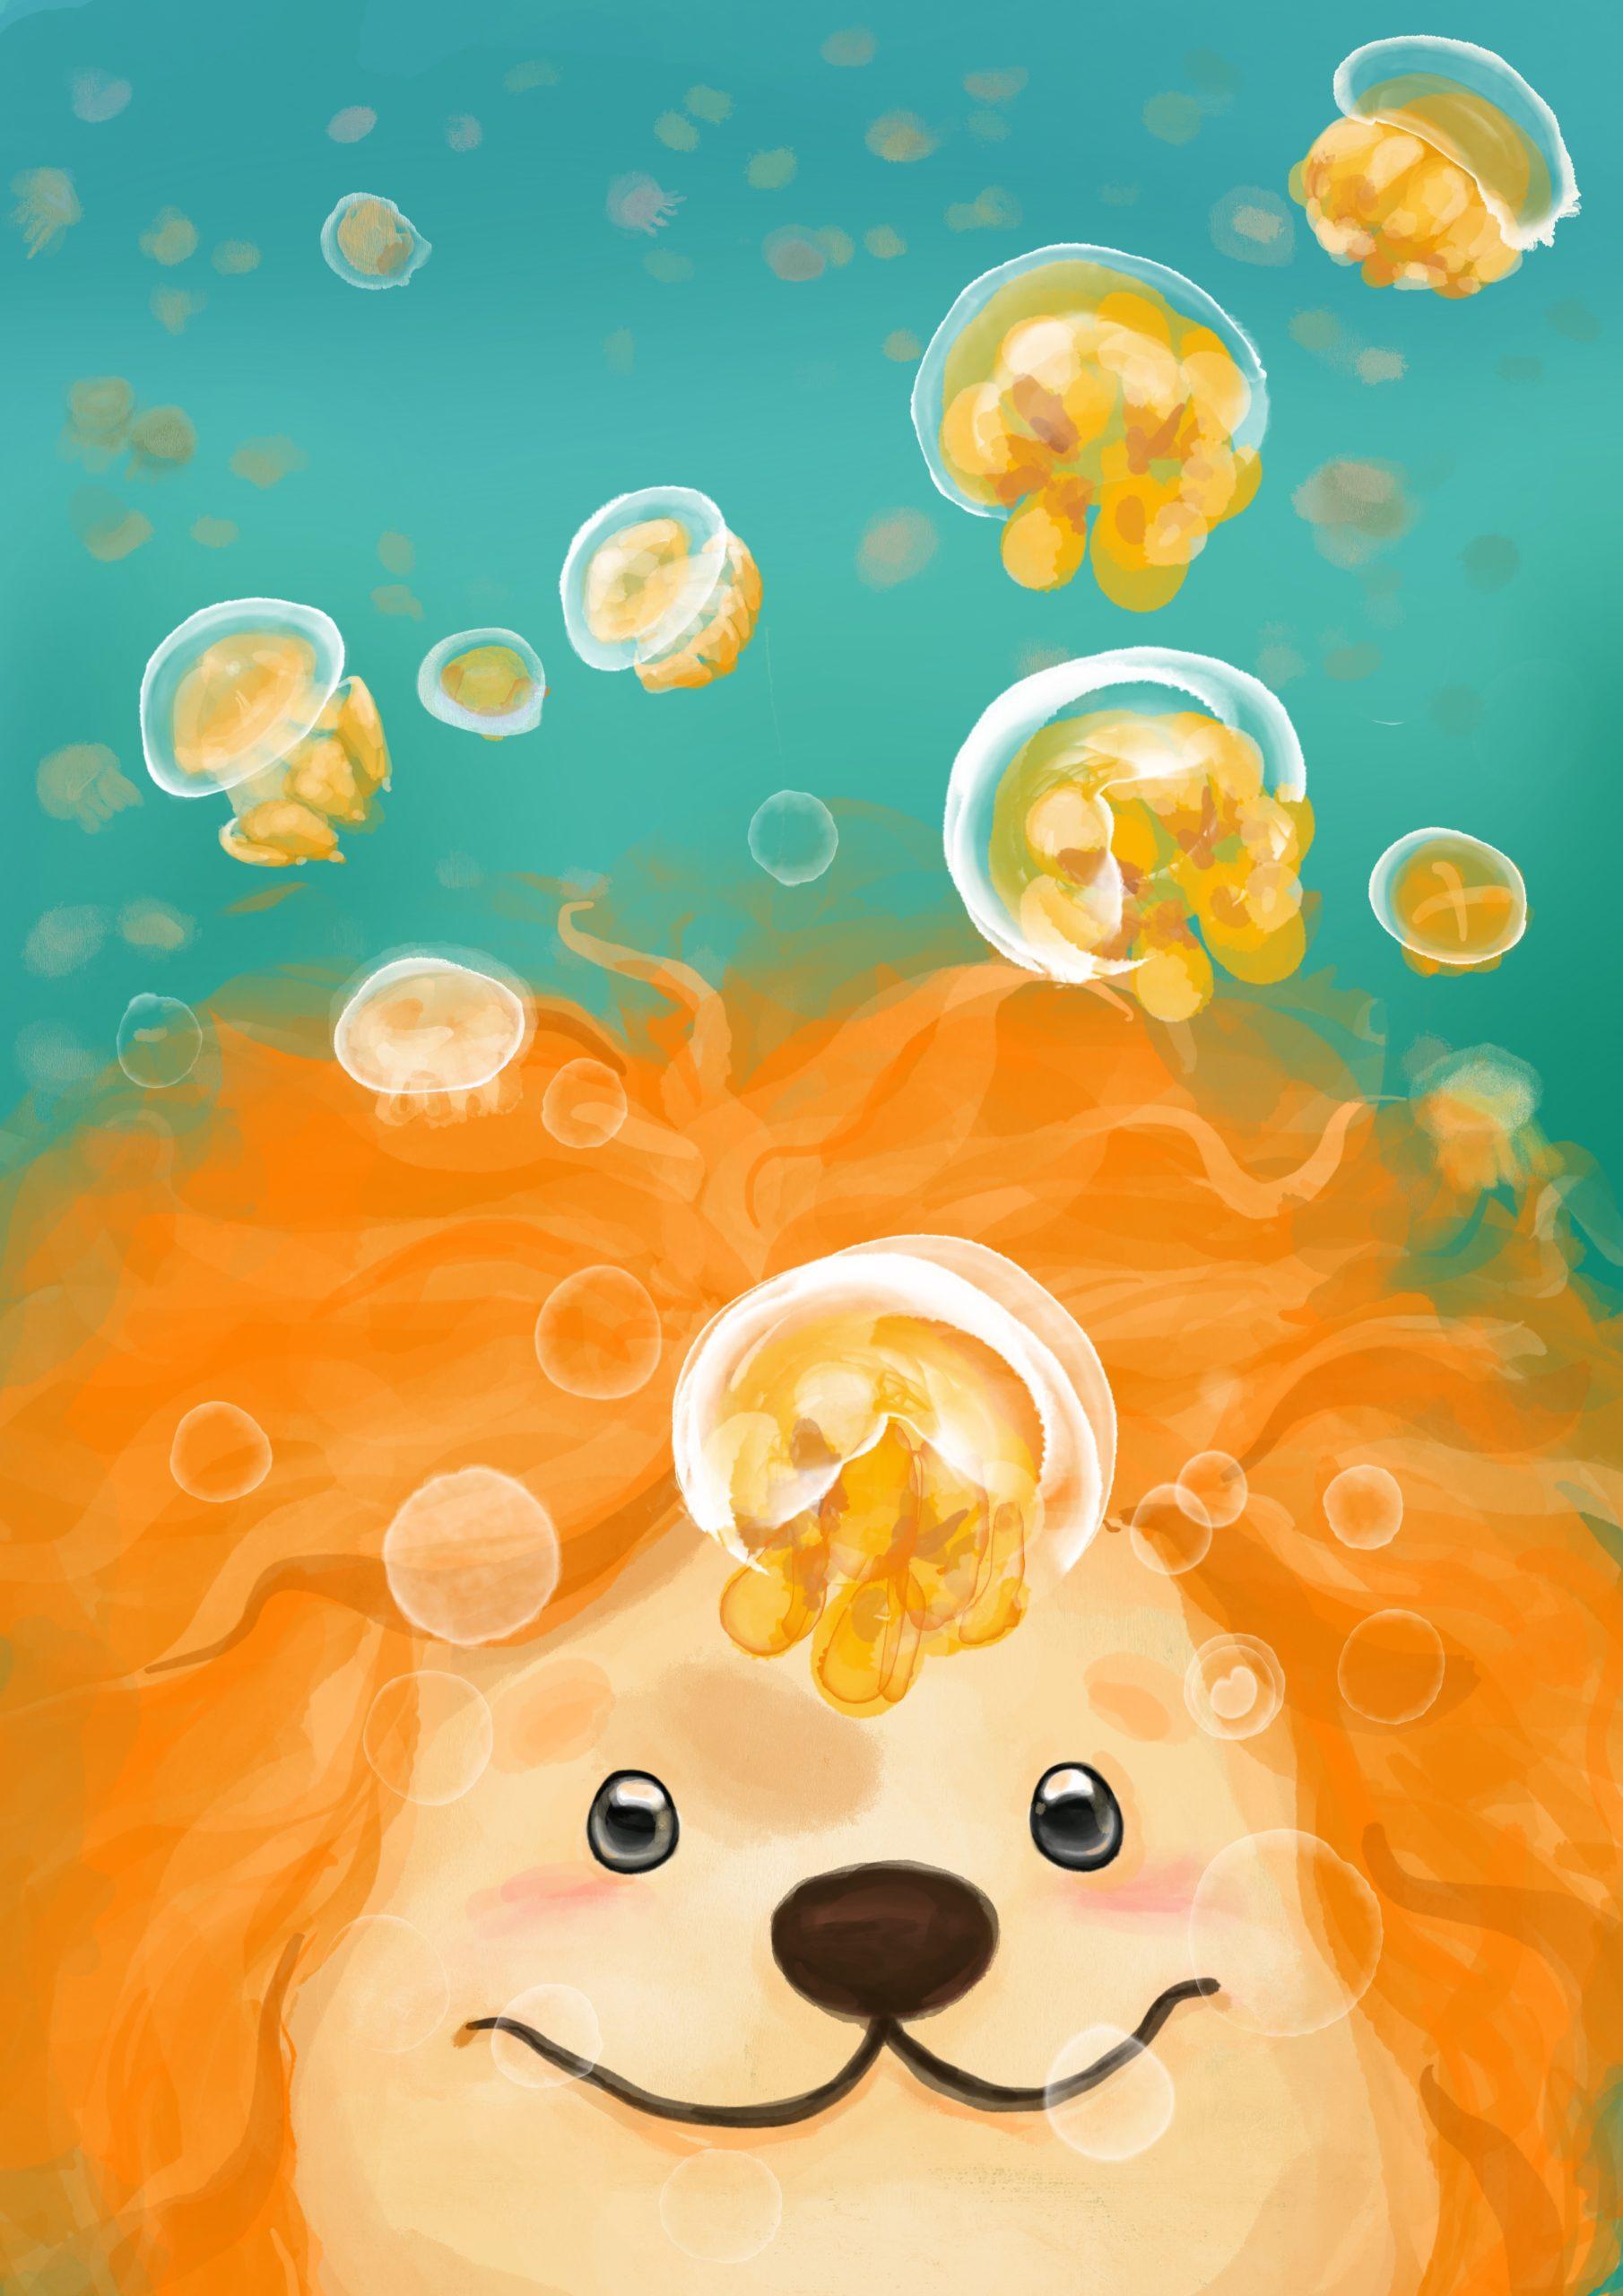 跟著一首獅去旅行繪本頁面1